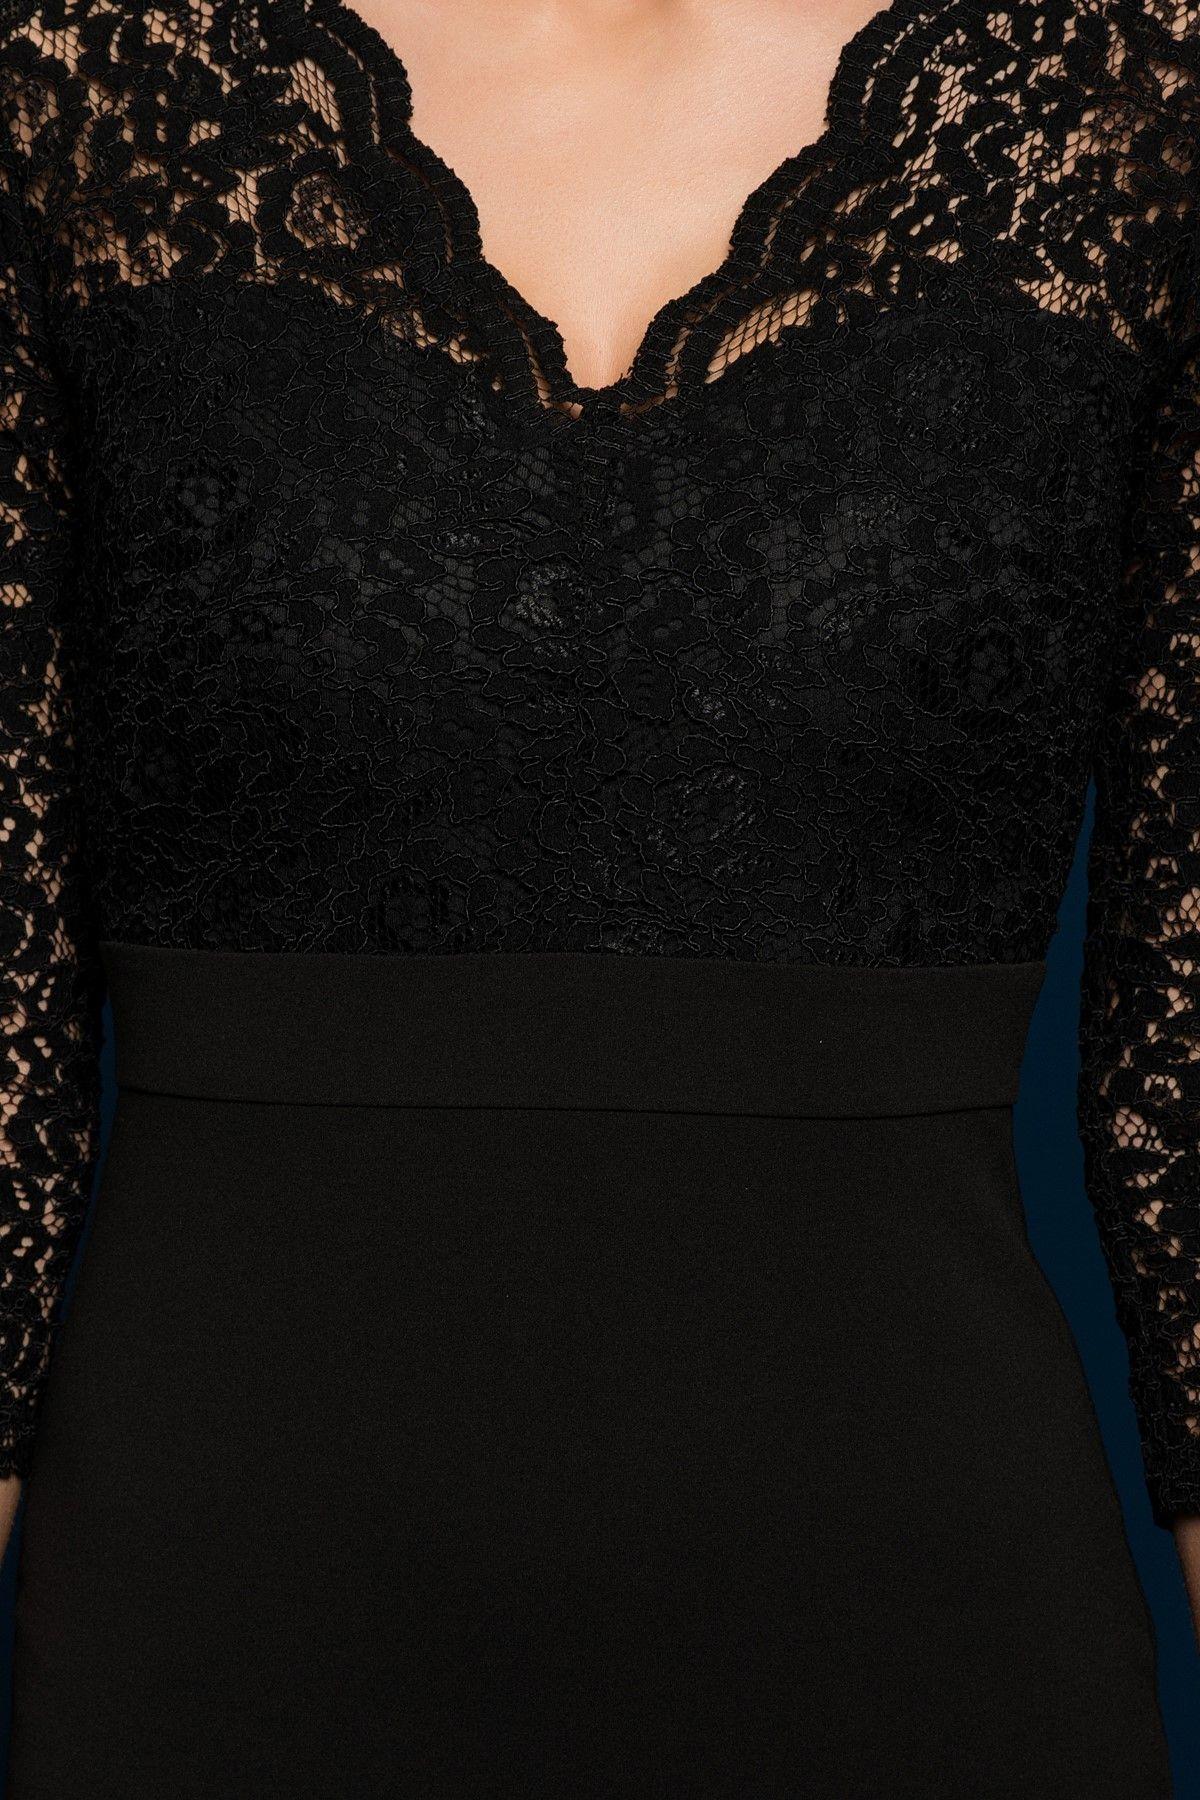 Dantel Detayli Siyah Elbise Mlwaw16fz0328 Siyah Dantel Elbiseler Siyah Elbise Moda Stilleri